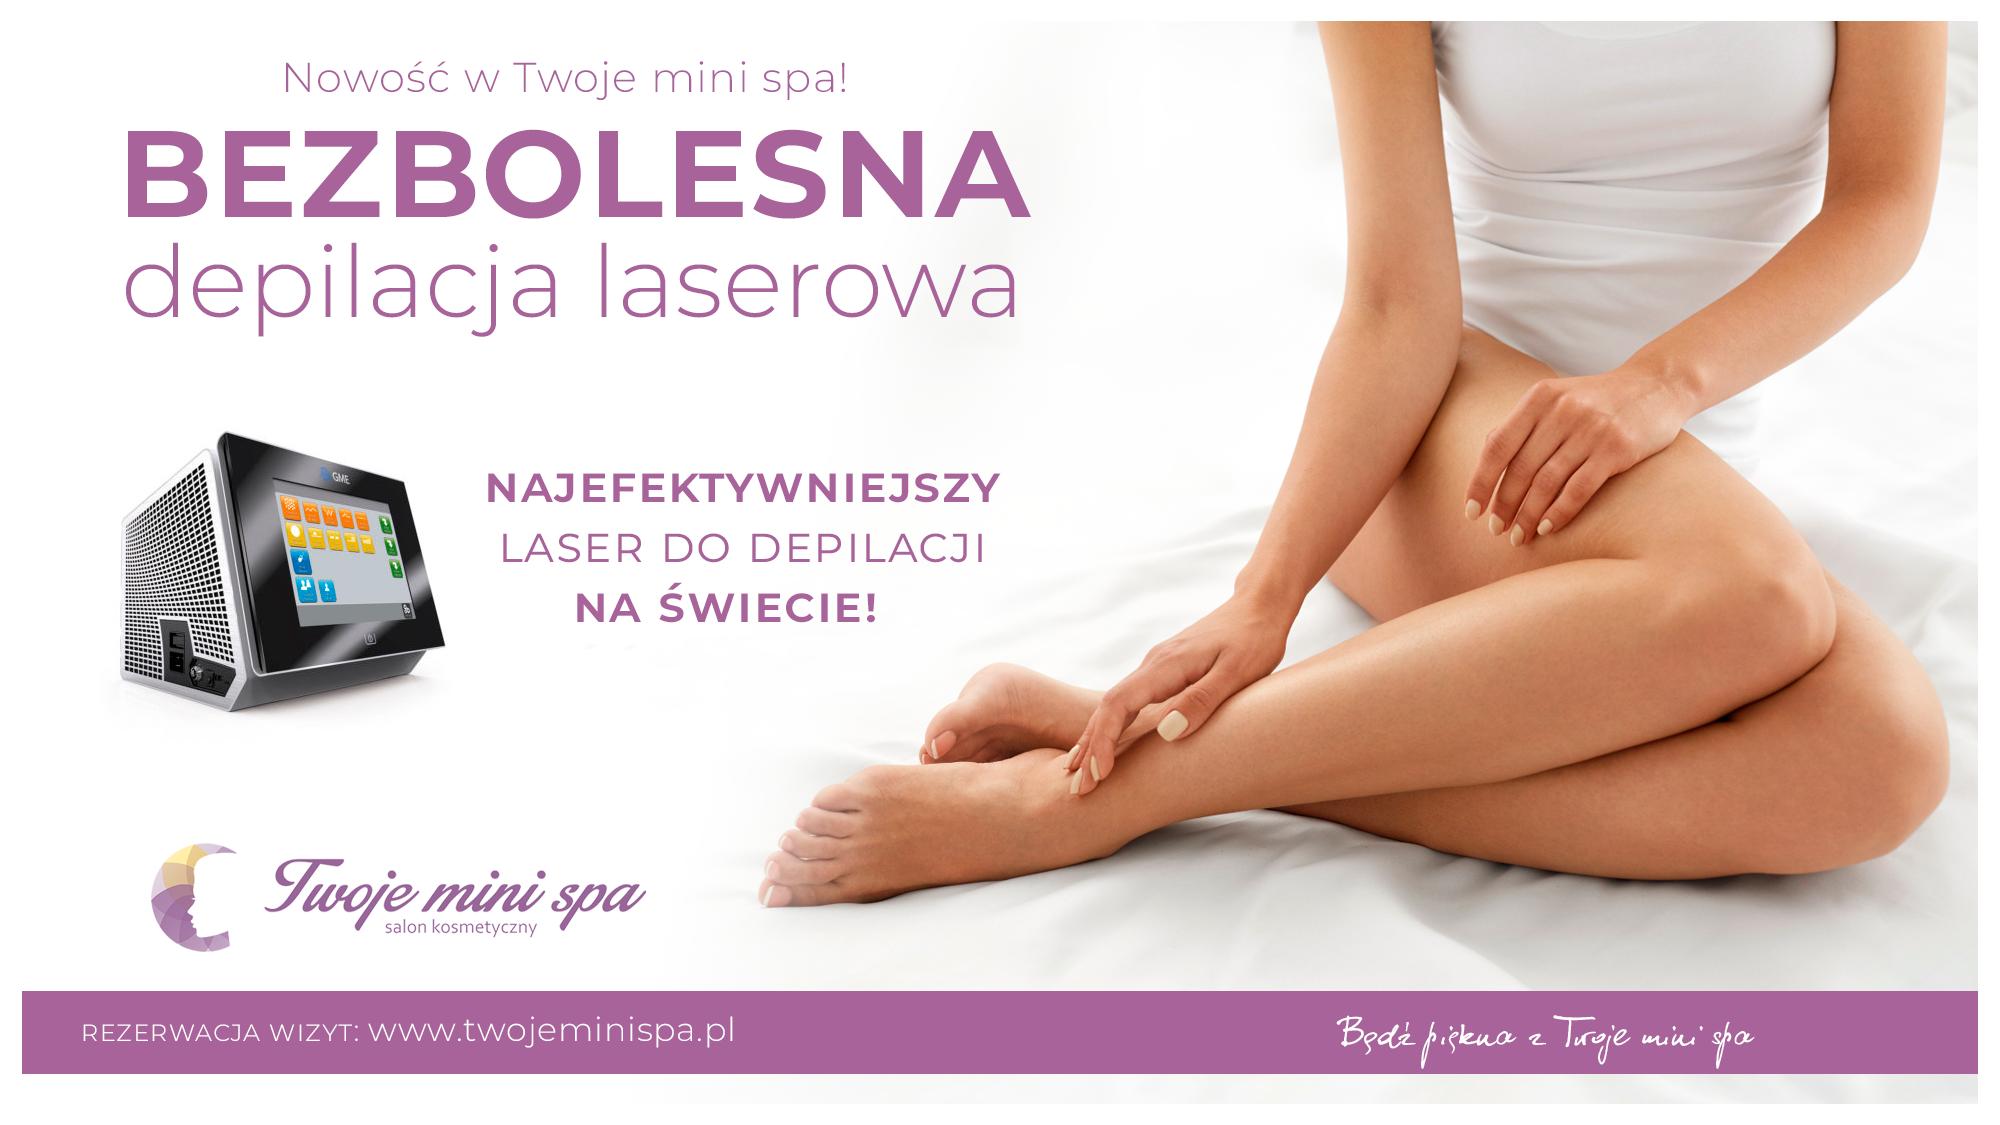 LinScan Kraków - Twoje mini spa